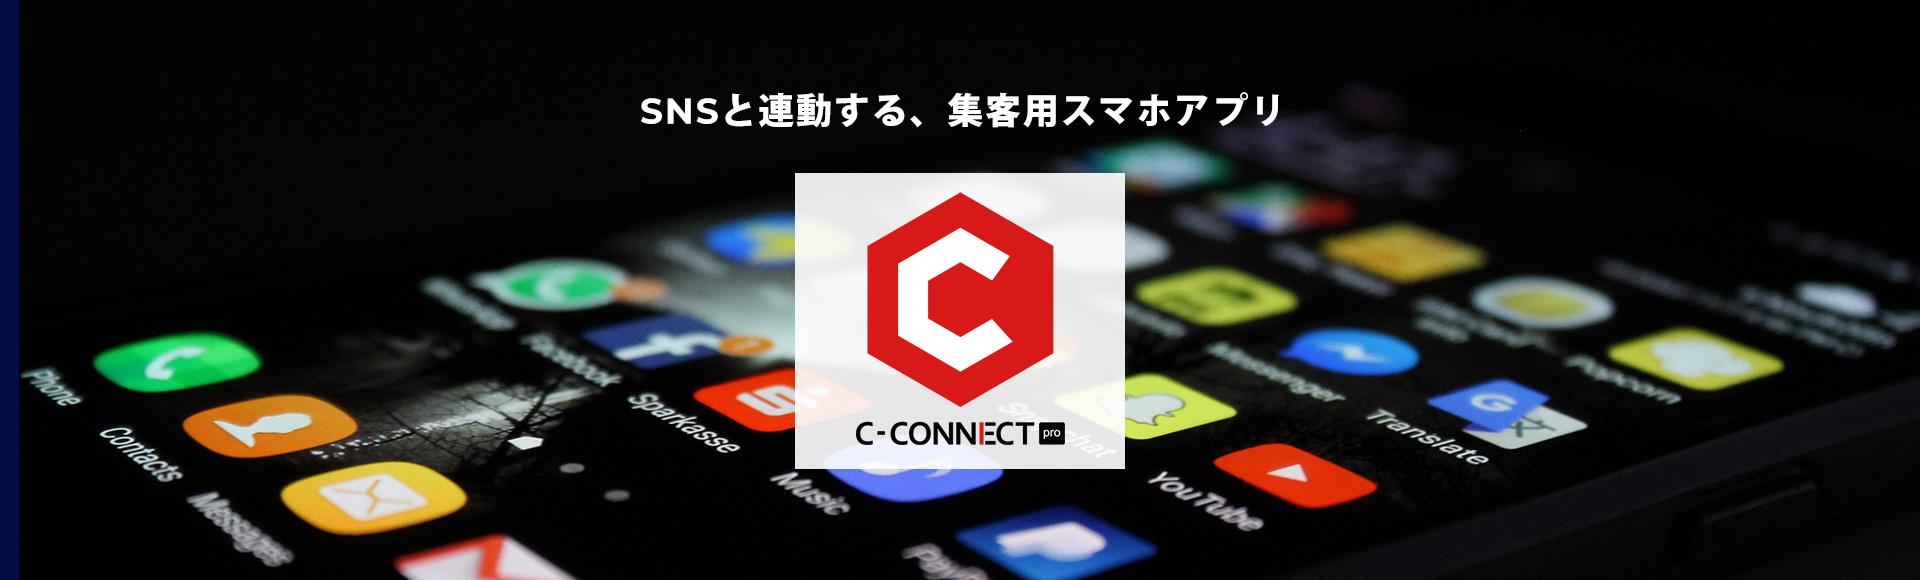 SNSと連動する、集客用スマホアプリ C-CONNECT